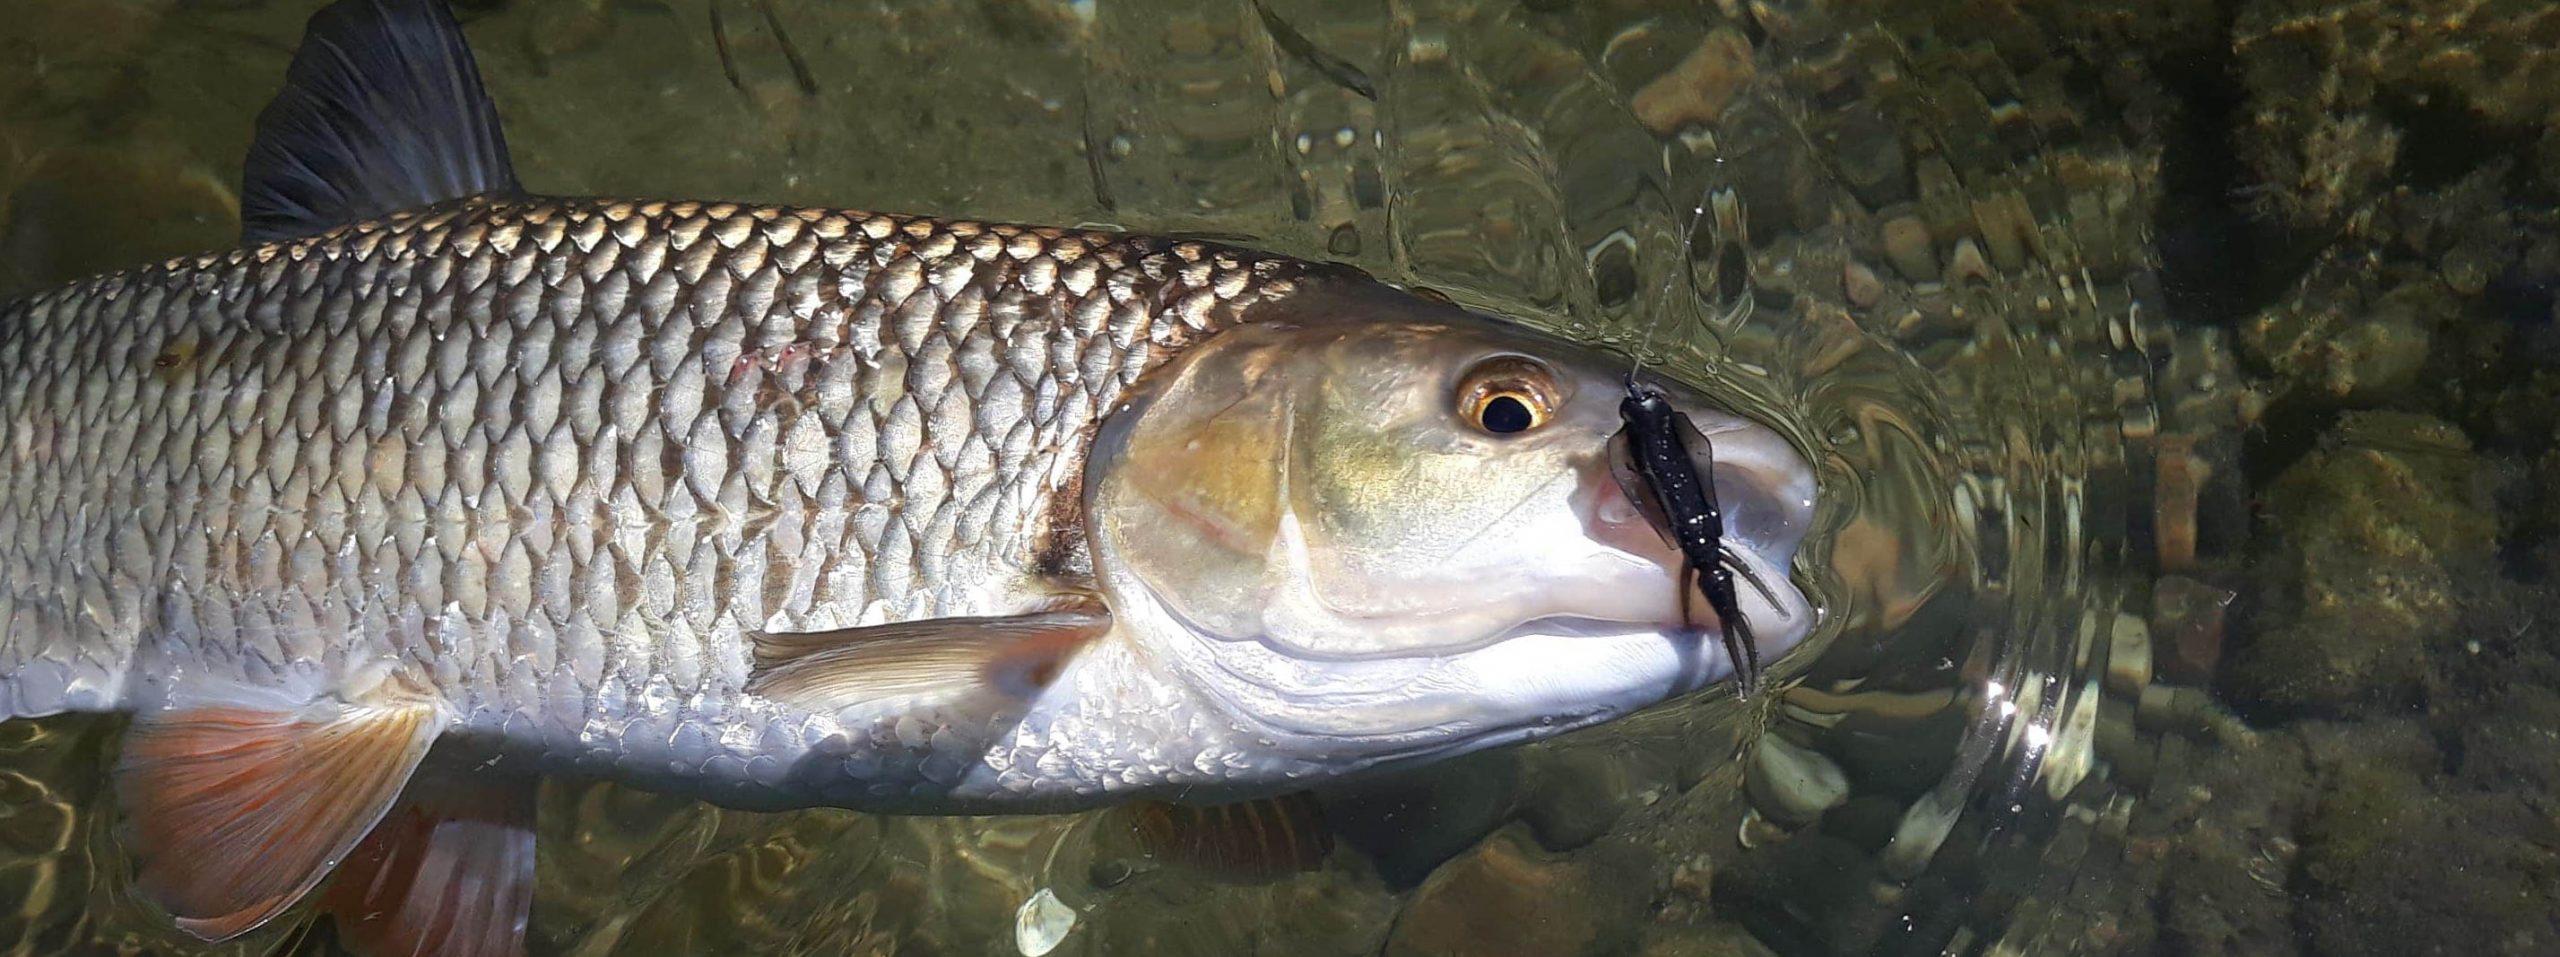 Pêche finesse en rivière